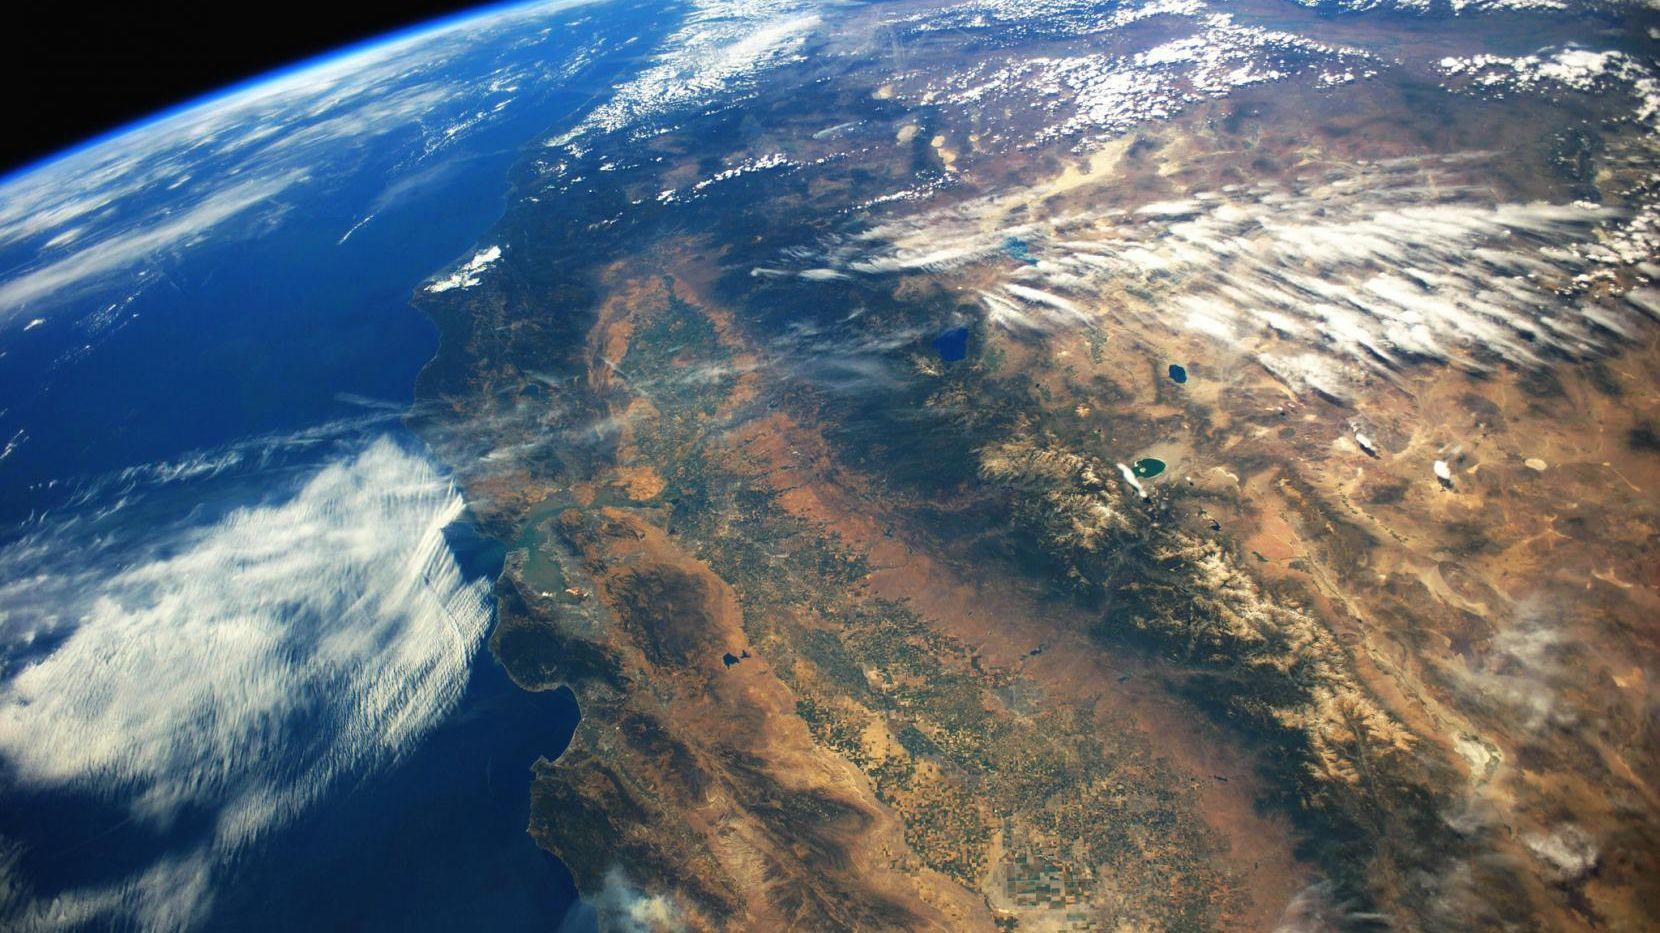 宇宙から積雪水量を計測、 NASAが水資源管理に 取り組み続ける理由